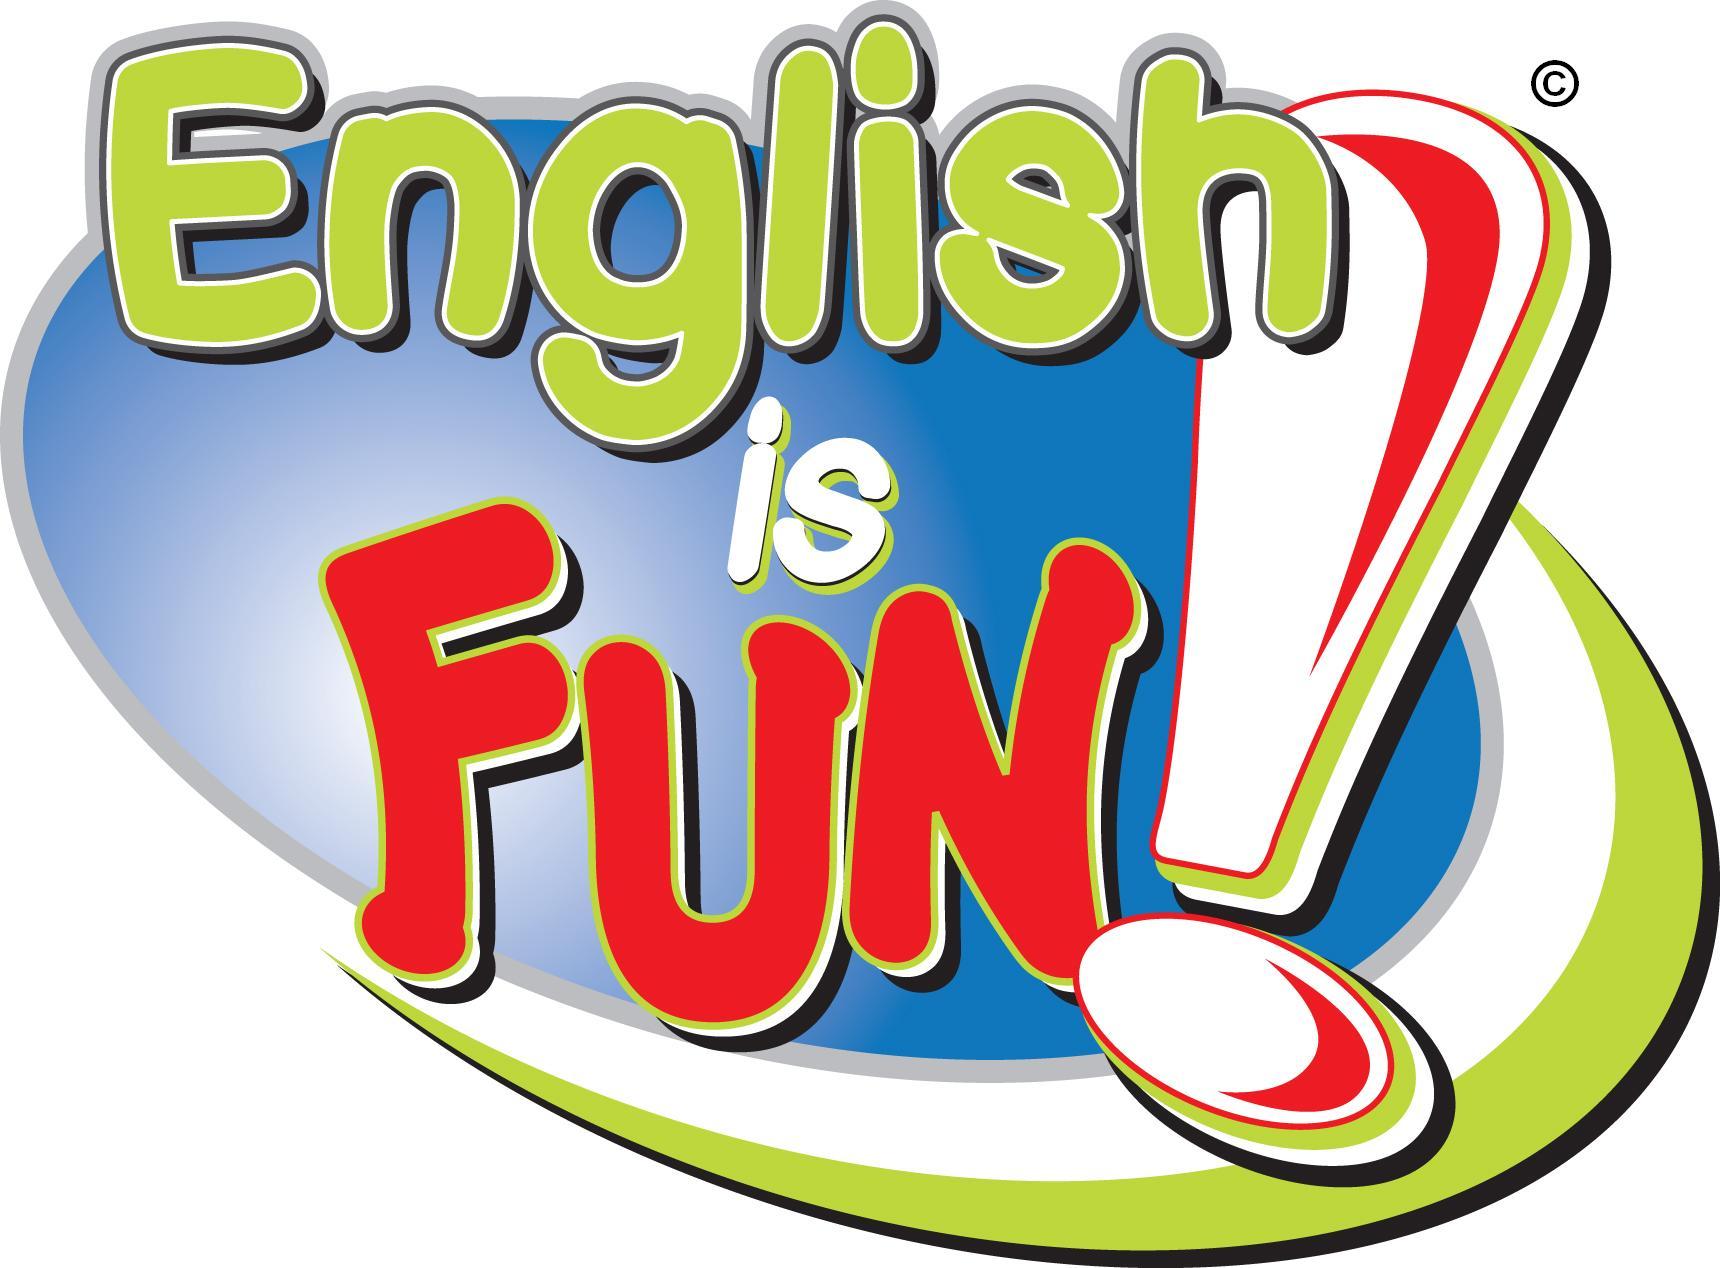 كيفية التعبير عن الراى يالانجليزية